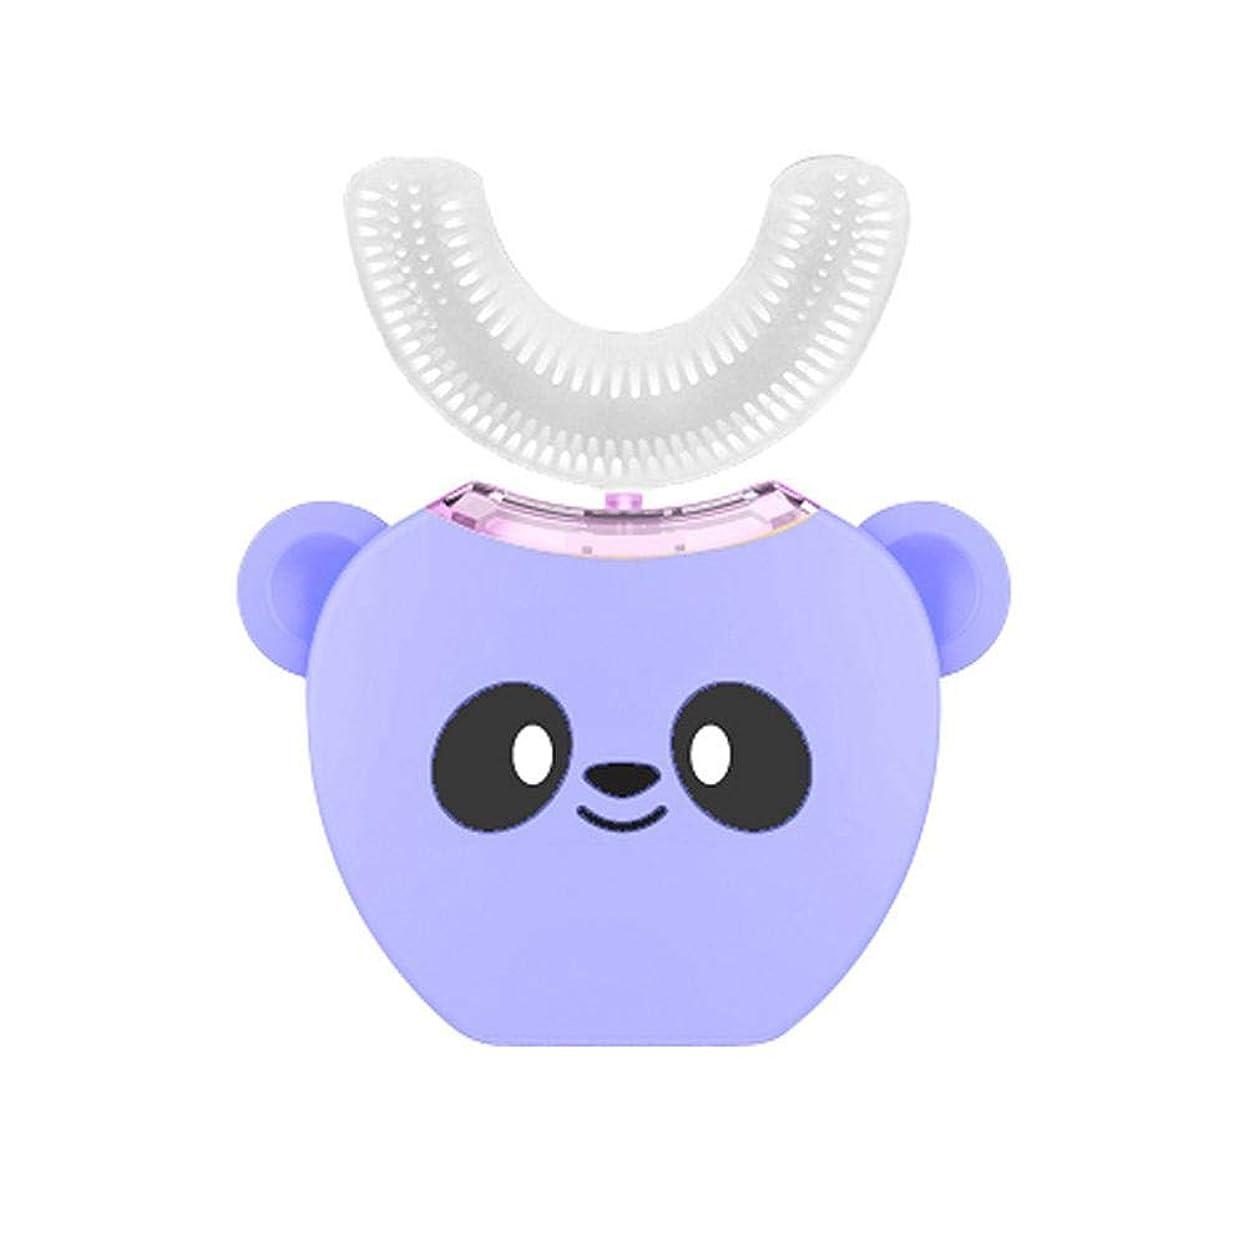 ストローク脅かす一過性子供用シリコン電動歯ブラシ、超ソフトシリコンブラシヘッド付き自動360完全充電式ホワイトニング歯ブラシ、ワイヤレス充電、高速クリーン歯